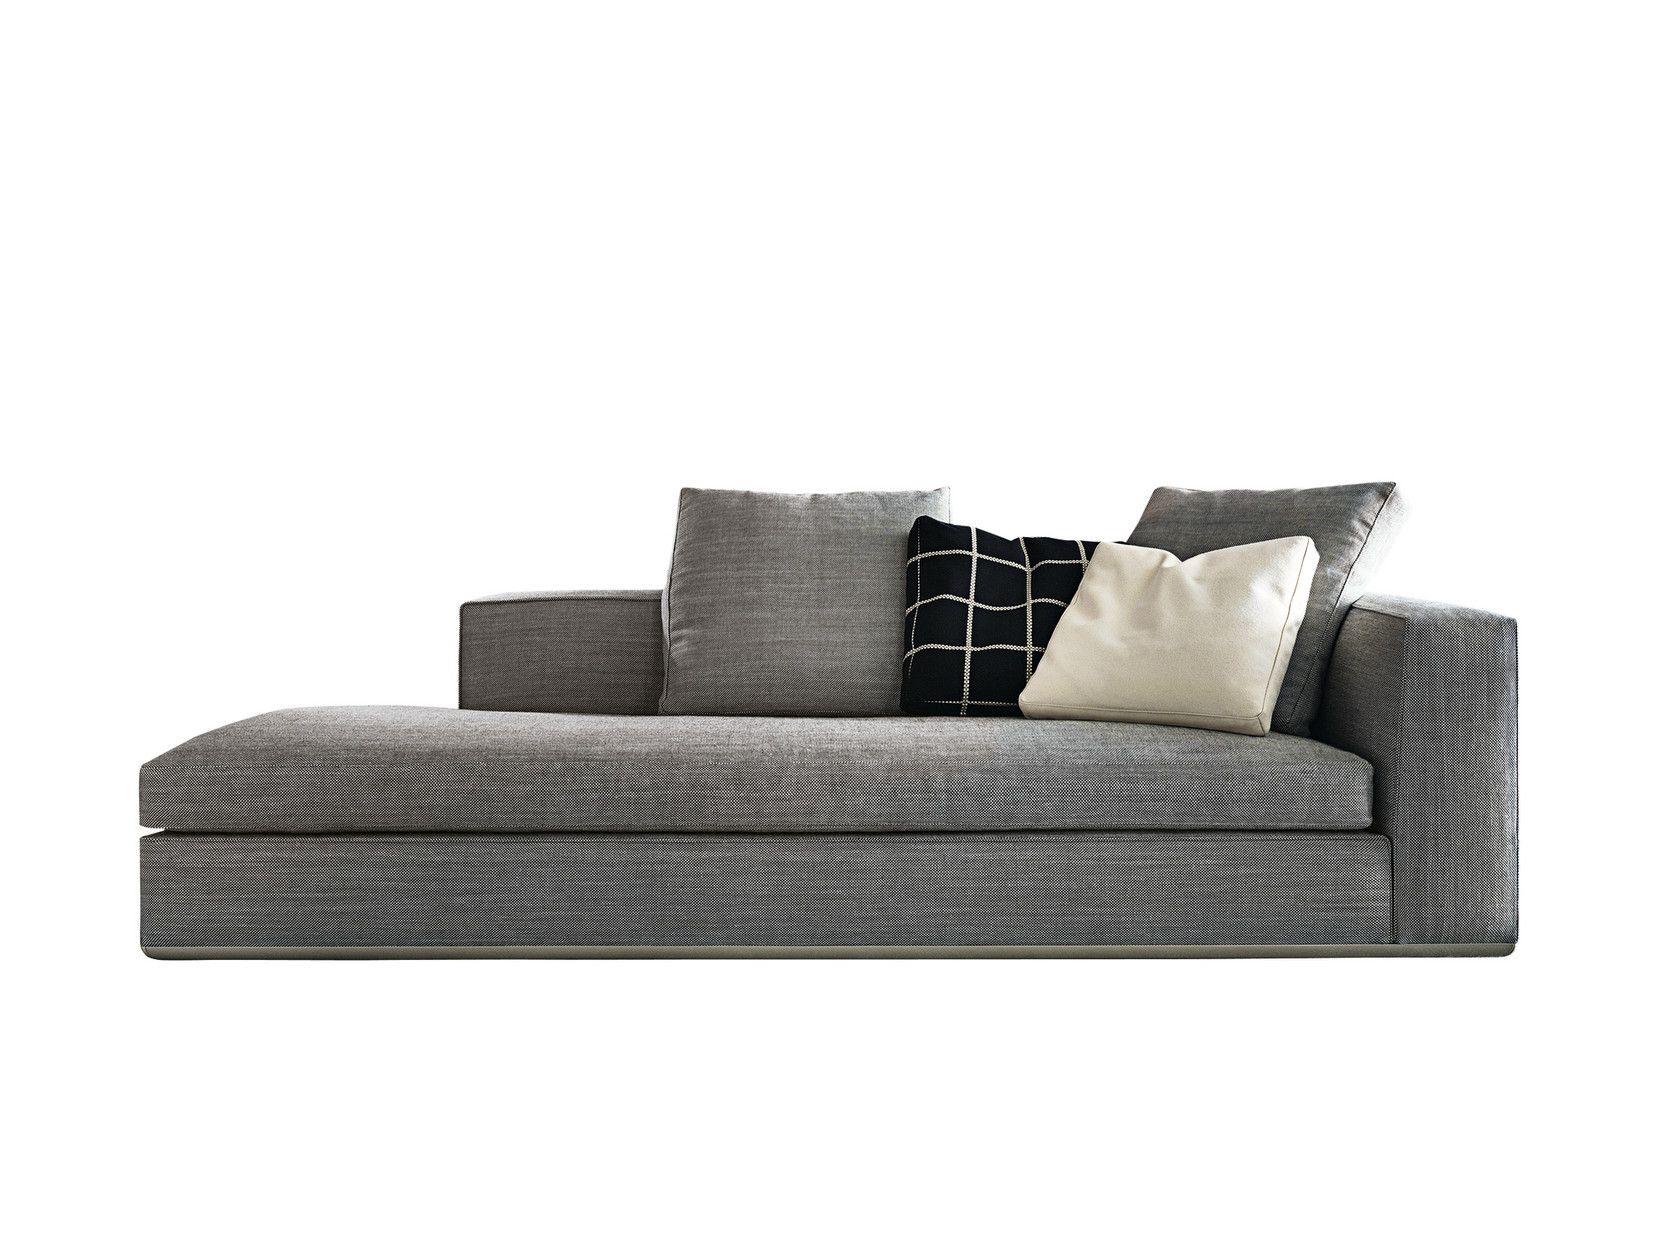 Chaise Longue Powell By Minotti Minotti Sofa Furniture Fabric Sofa